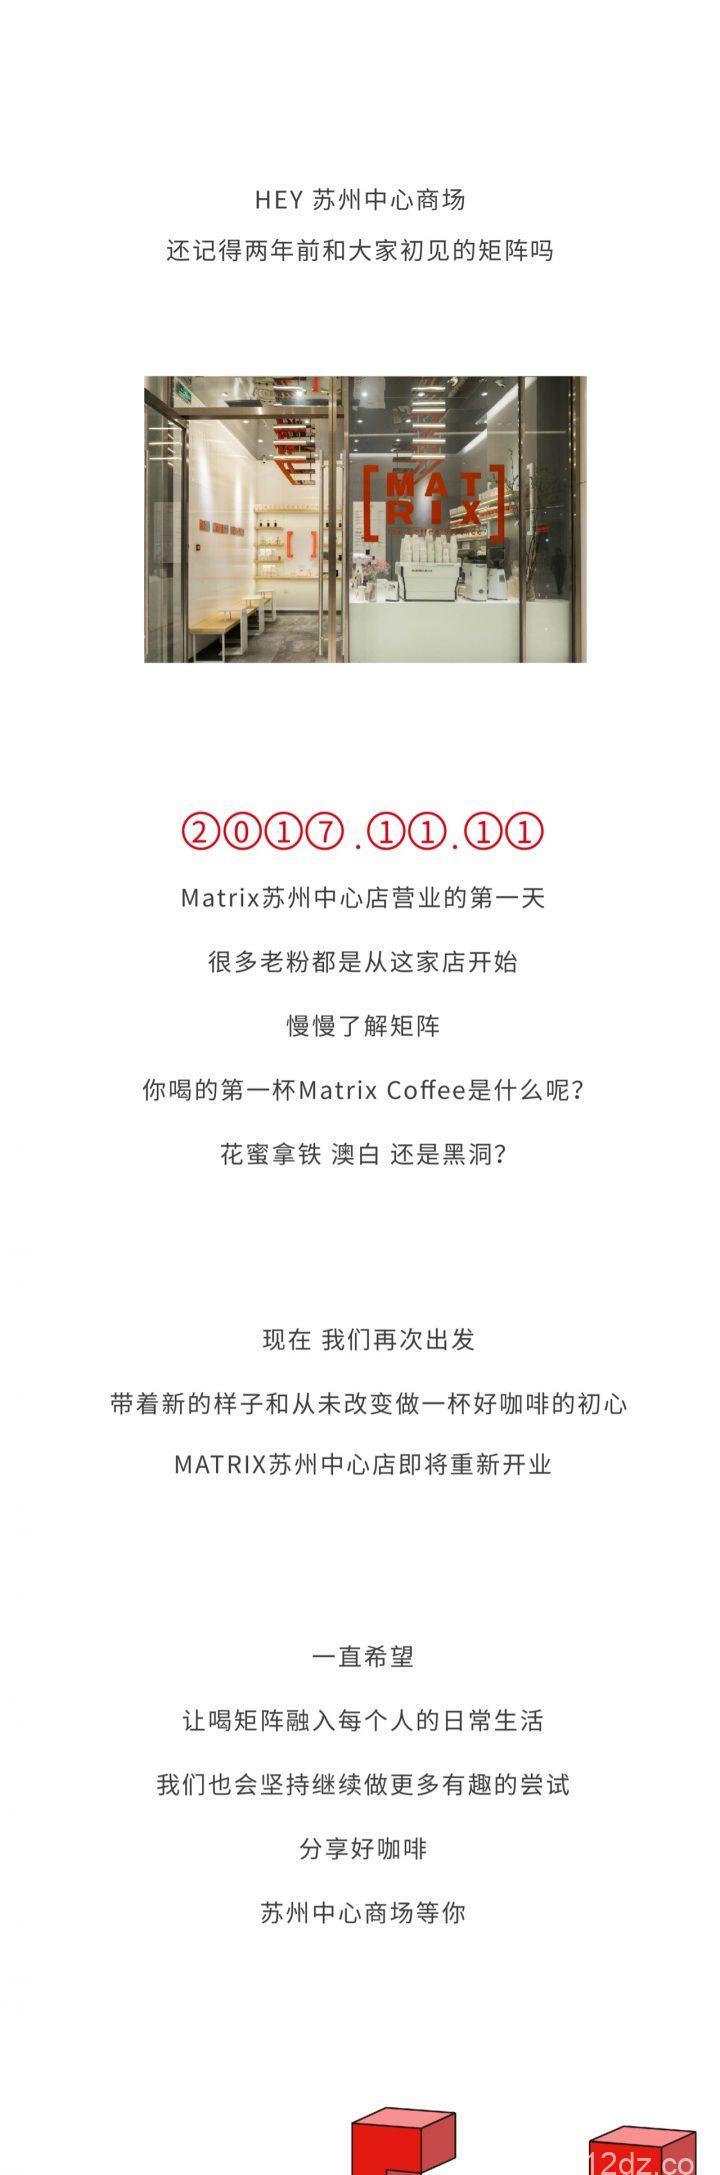 苏州中心MATRIX重新开业倒计时